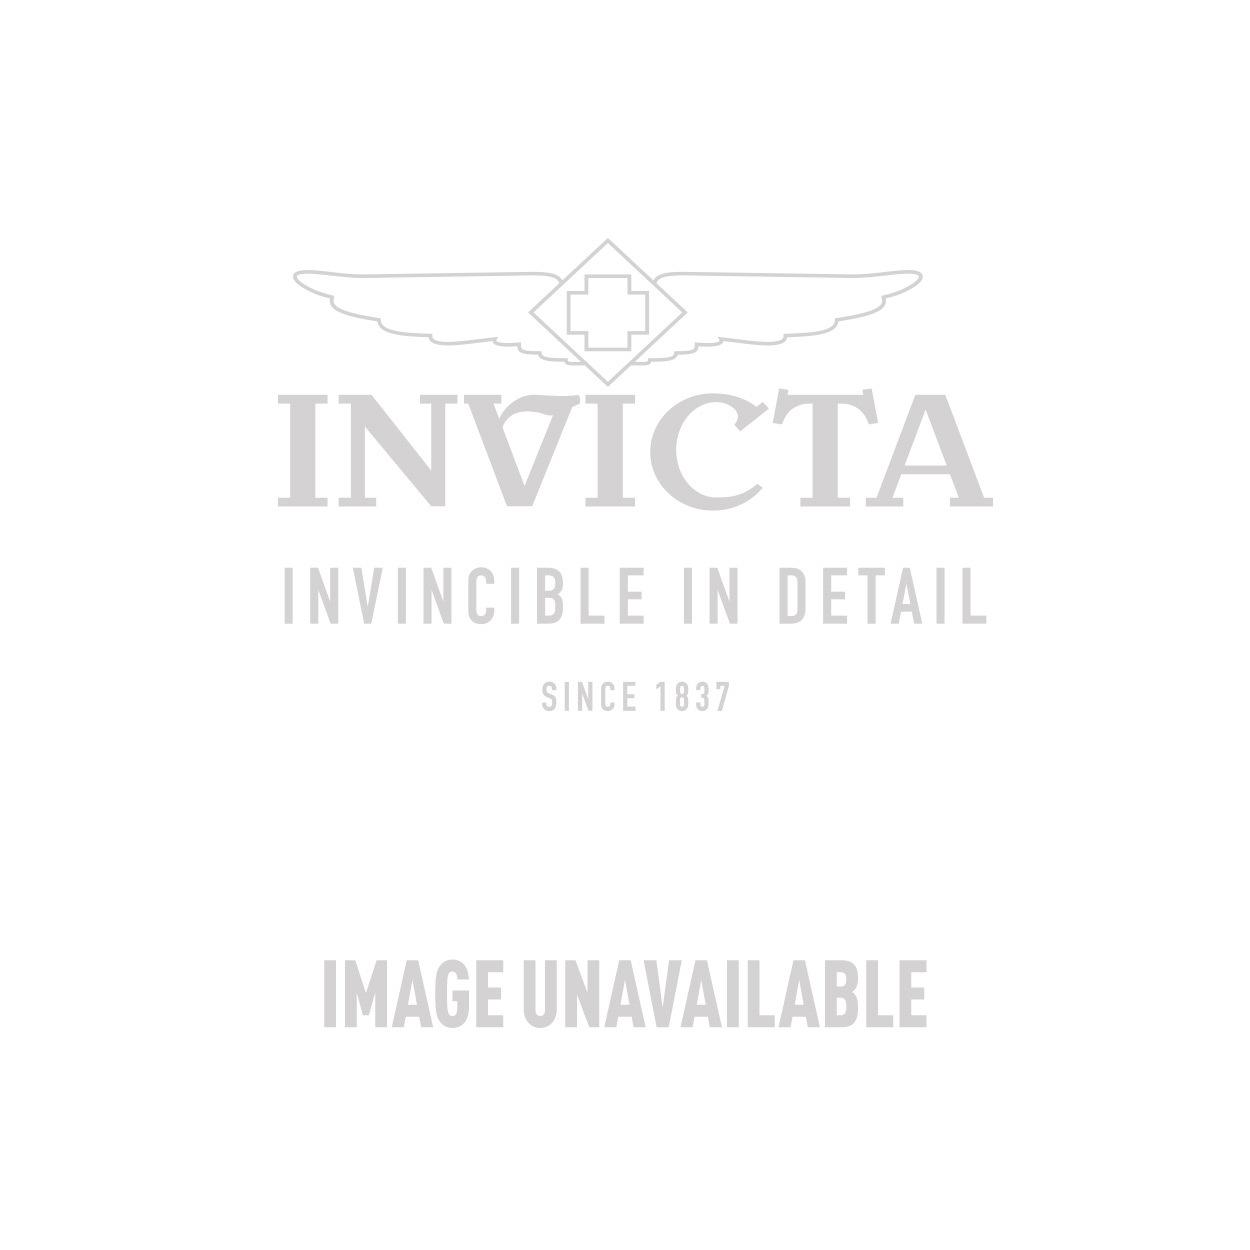 Invicta Model 27058